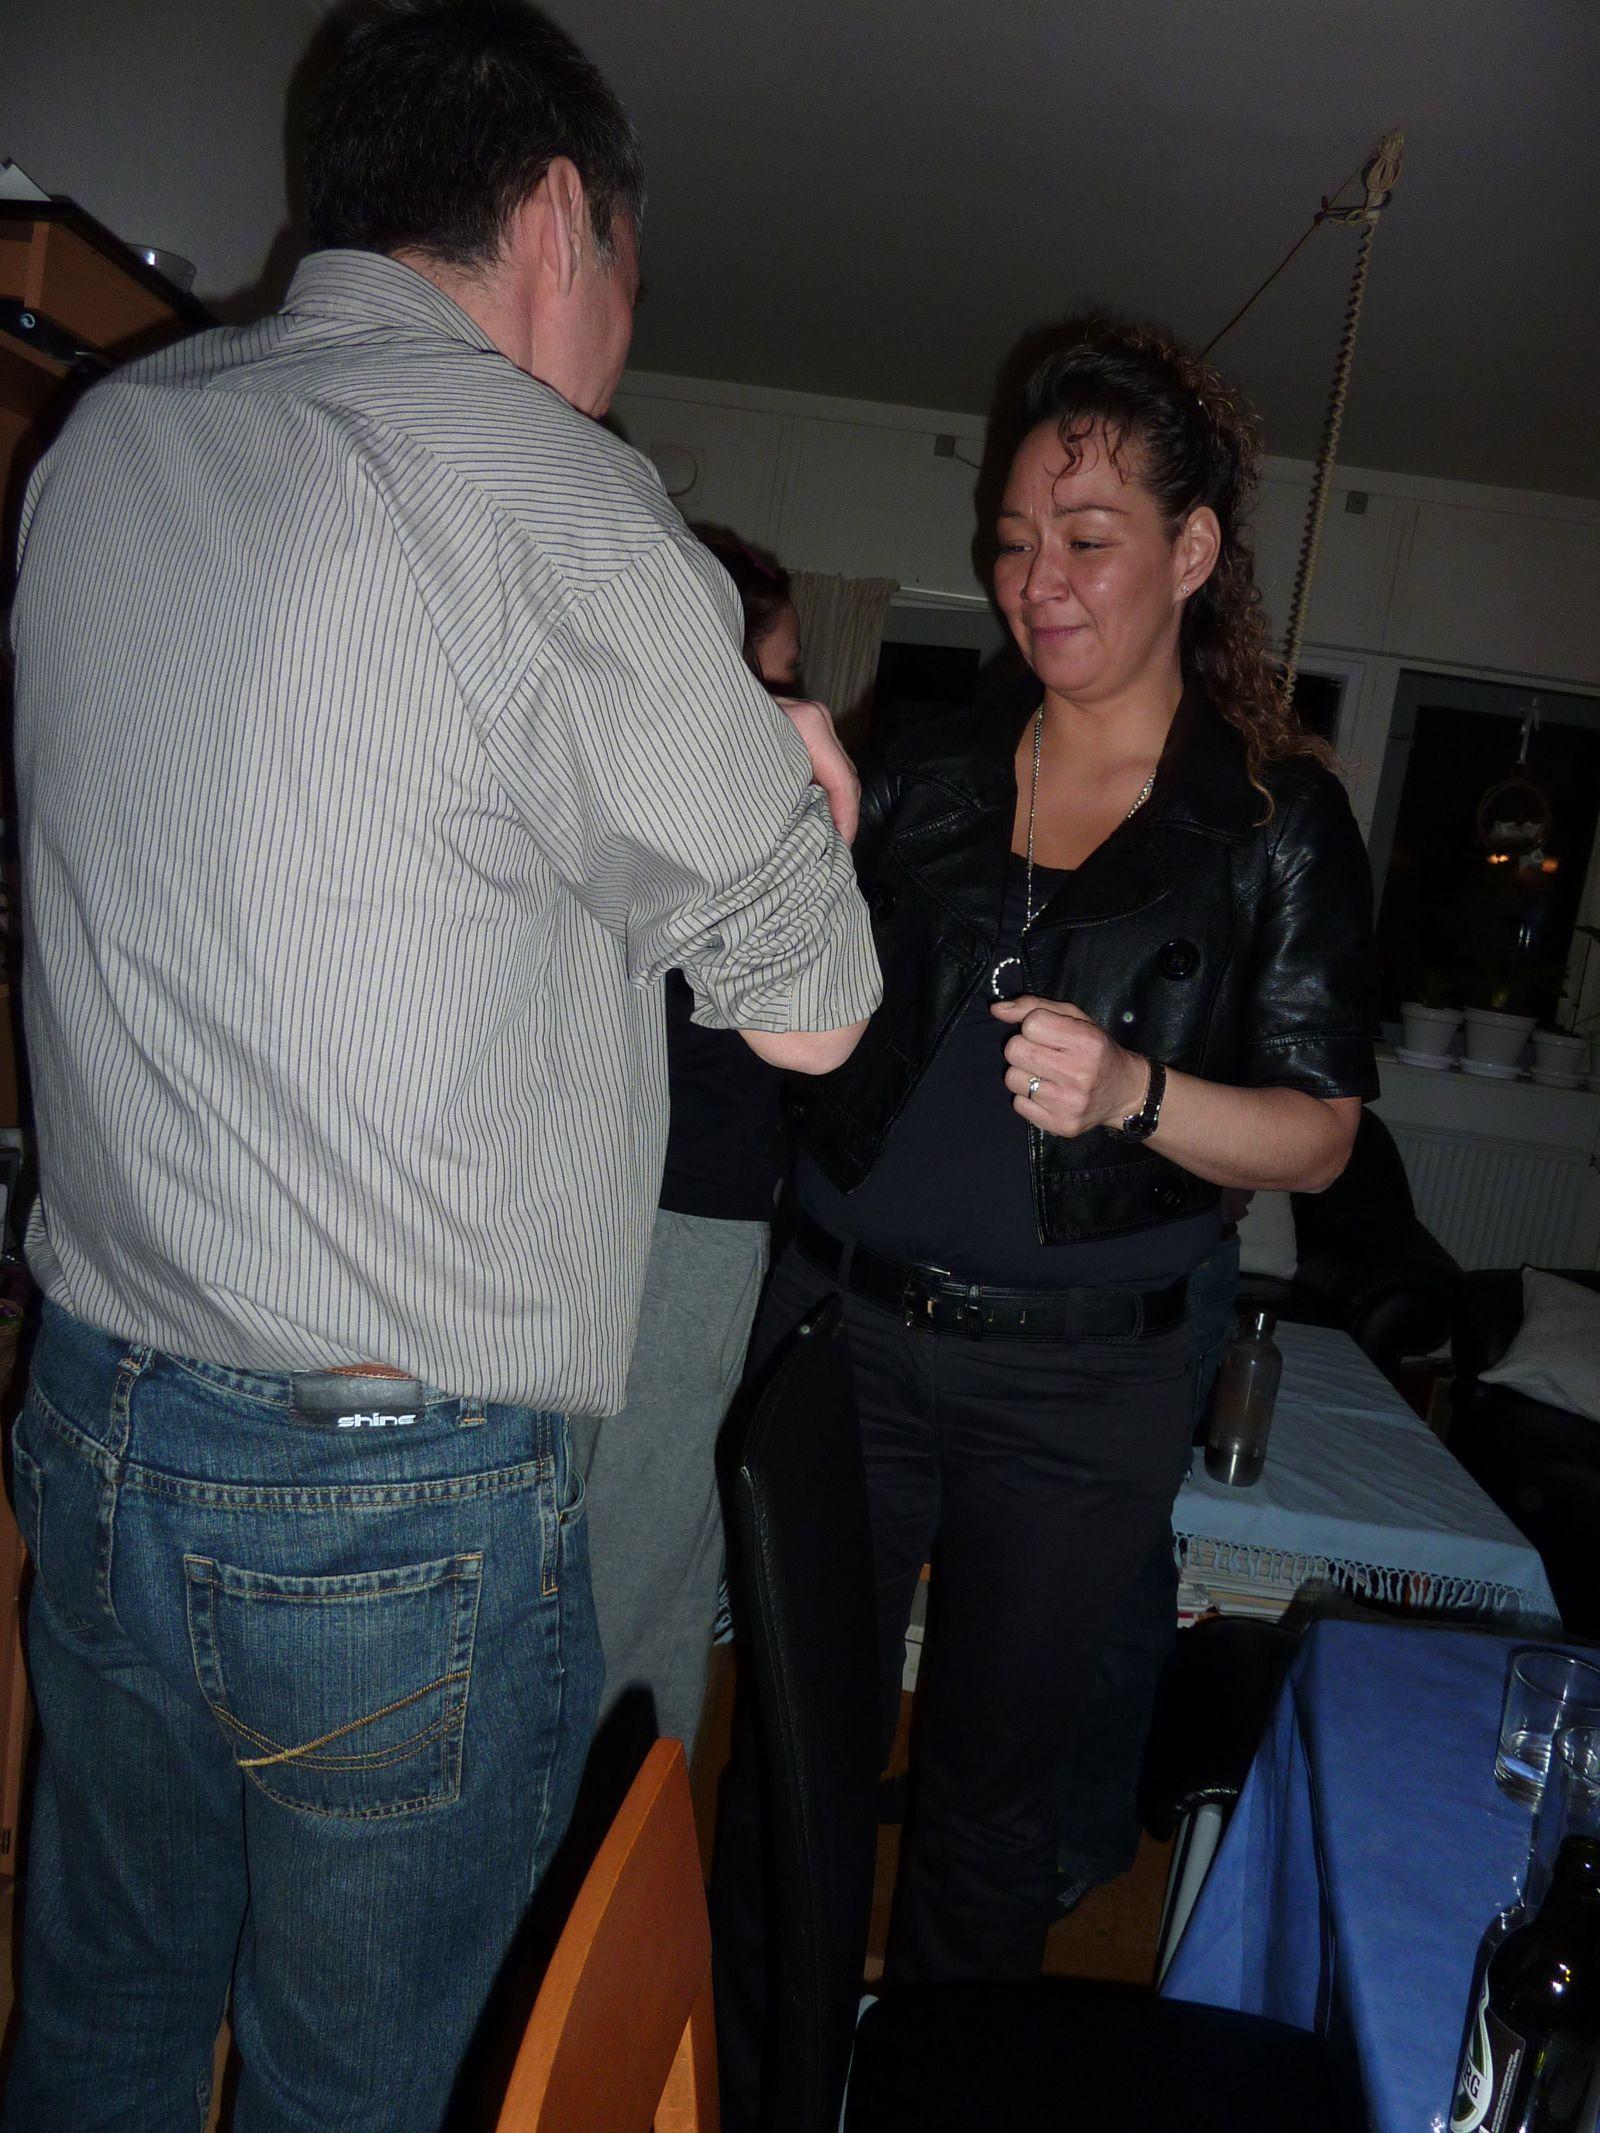 2010-03-14-0256_-_Hygge